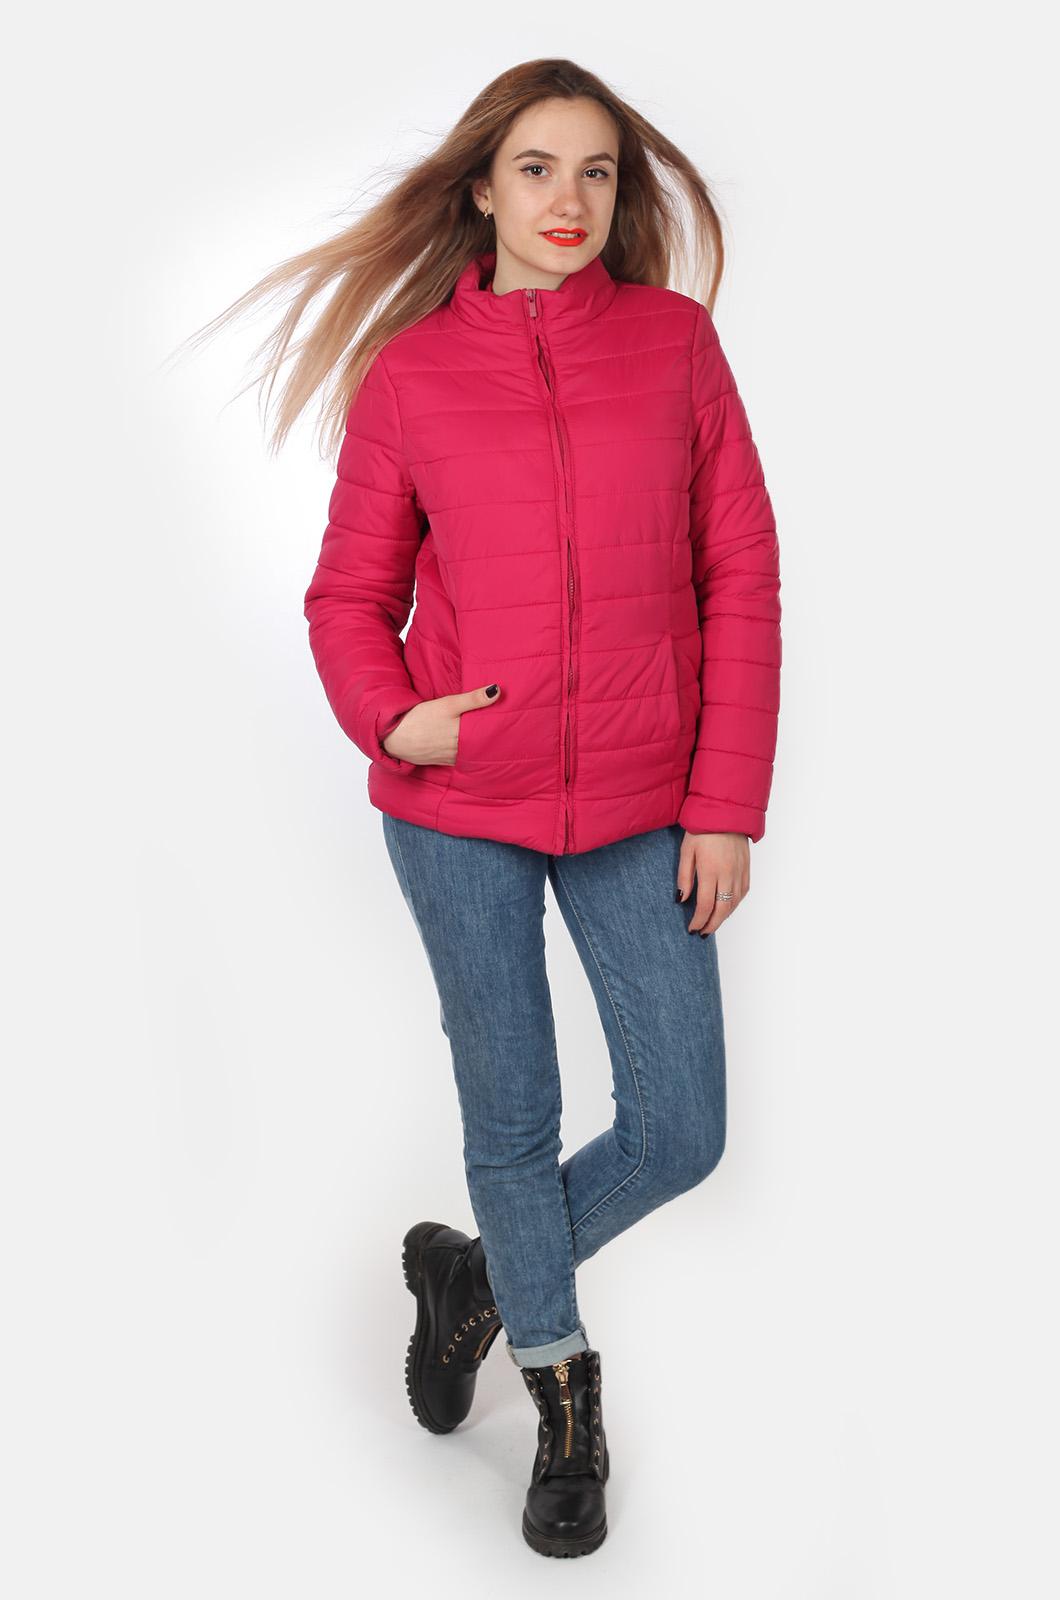 Короткая курточка на осень – подростковые и молодежные модели в наличии!